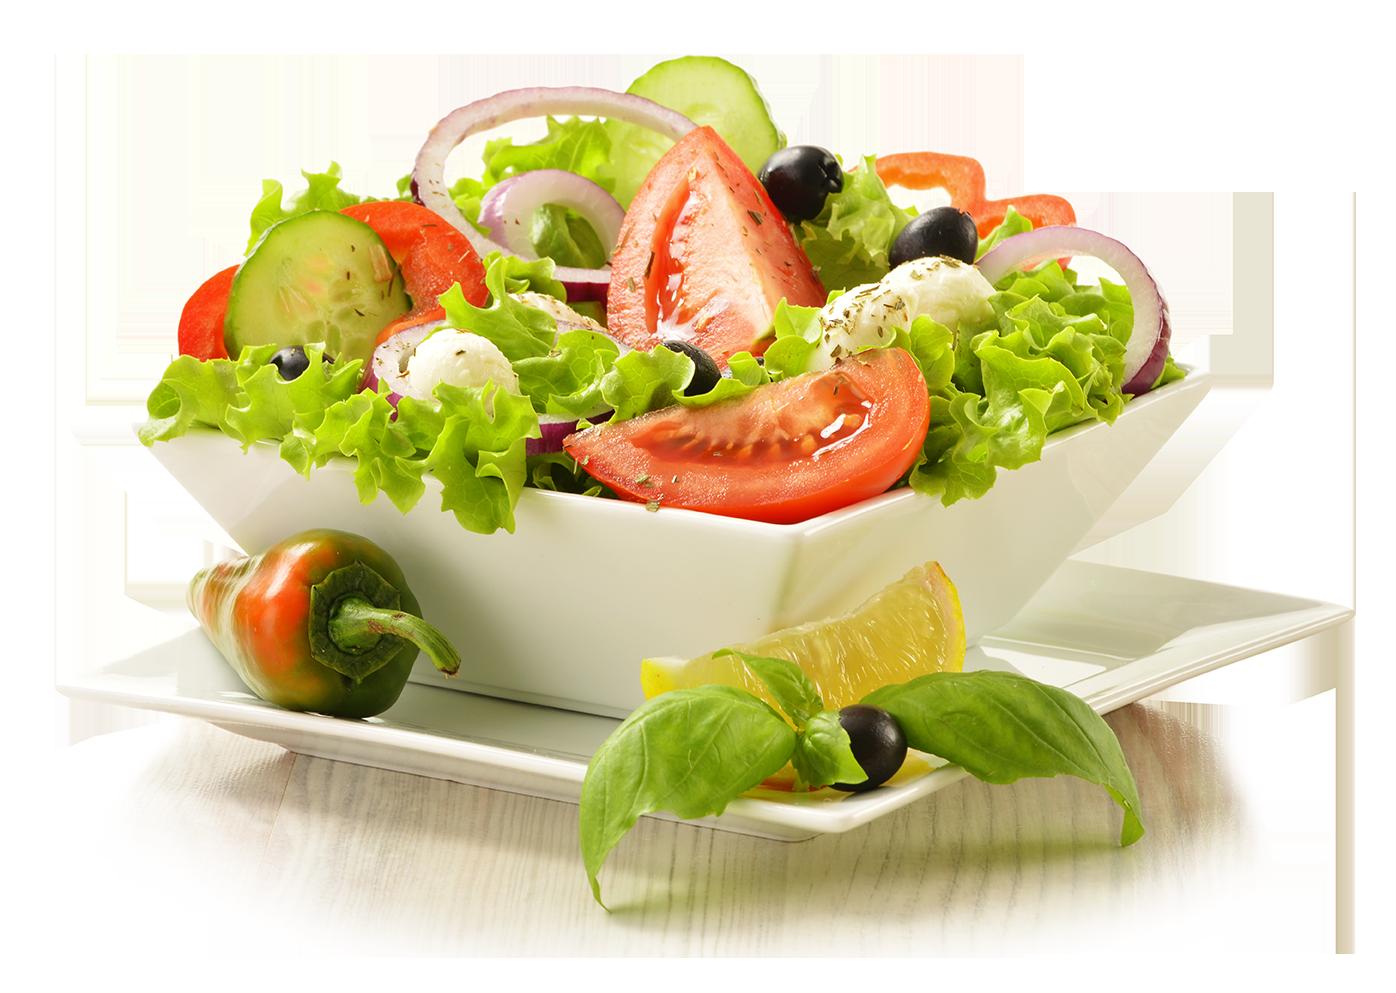 Download Salad File HQ PNG Image  FreePNGImg